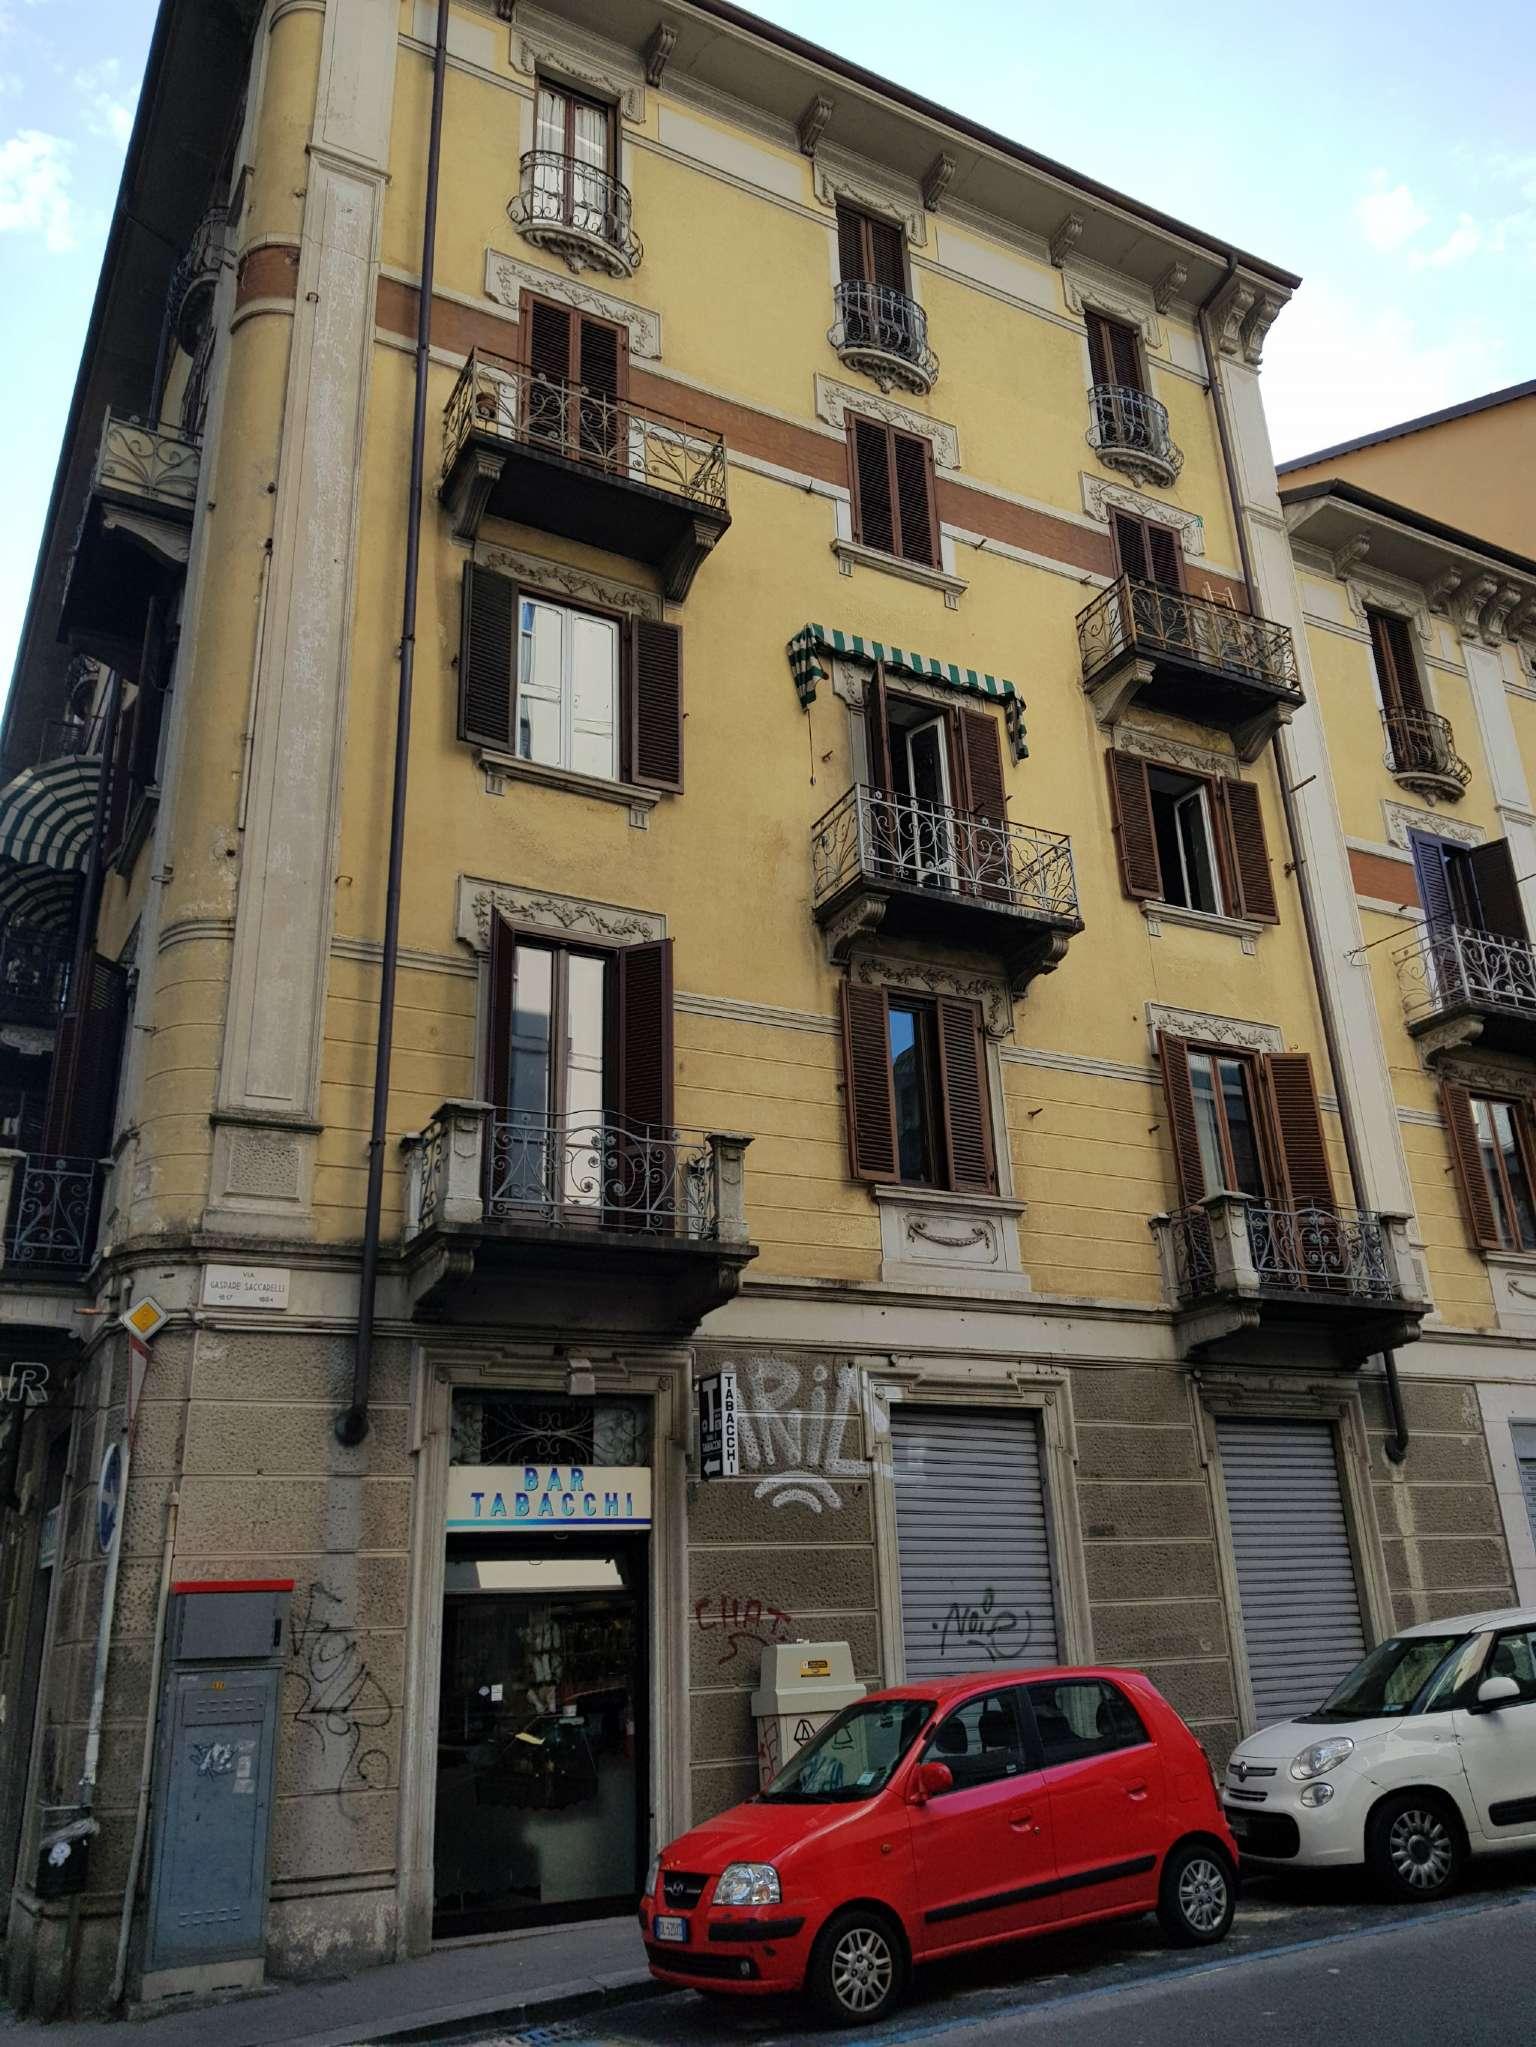 Negozio in affitto Zona Cit Turin, San Donato, Campidoglio - via Saccarelli 32 Torino